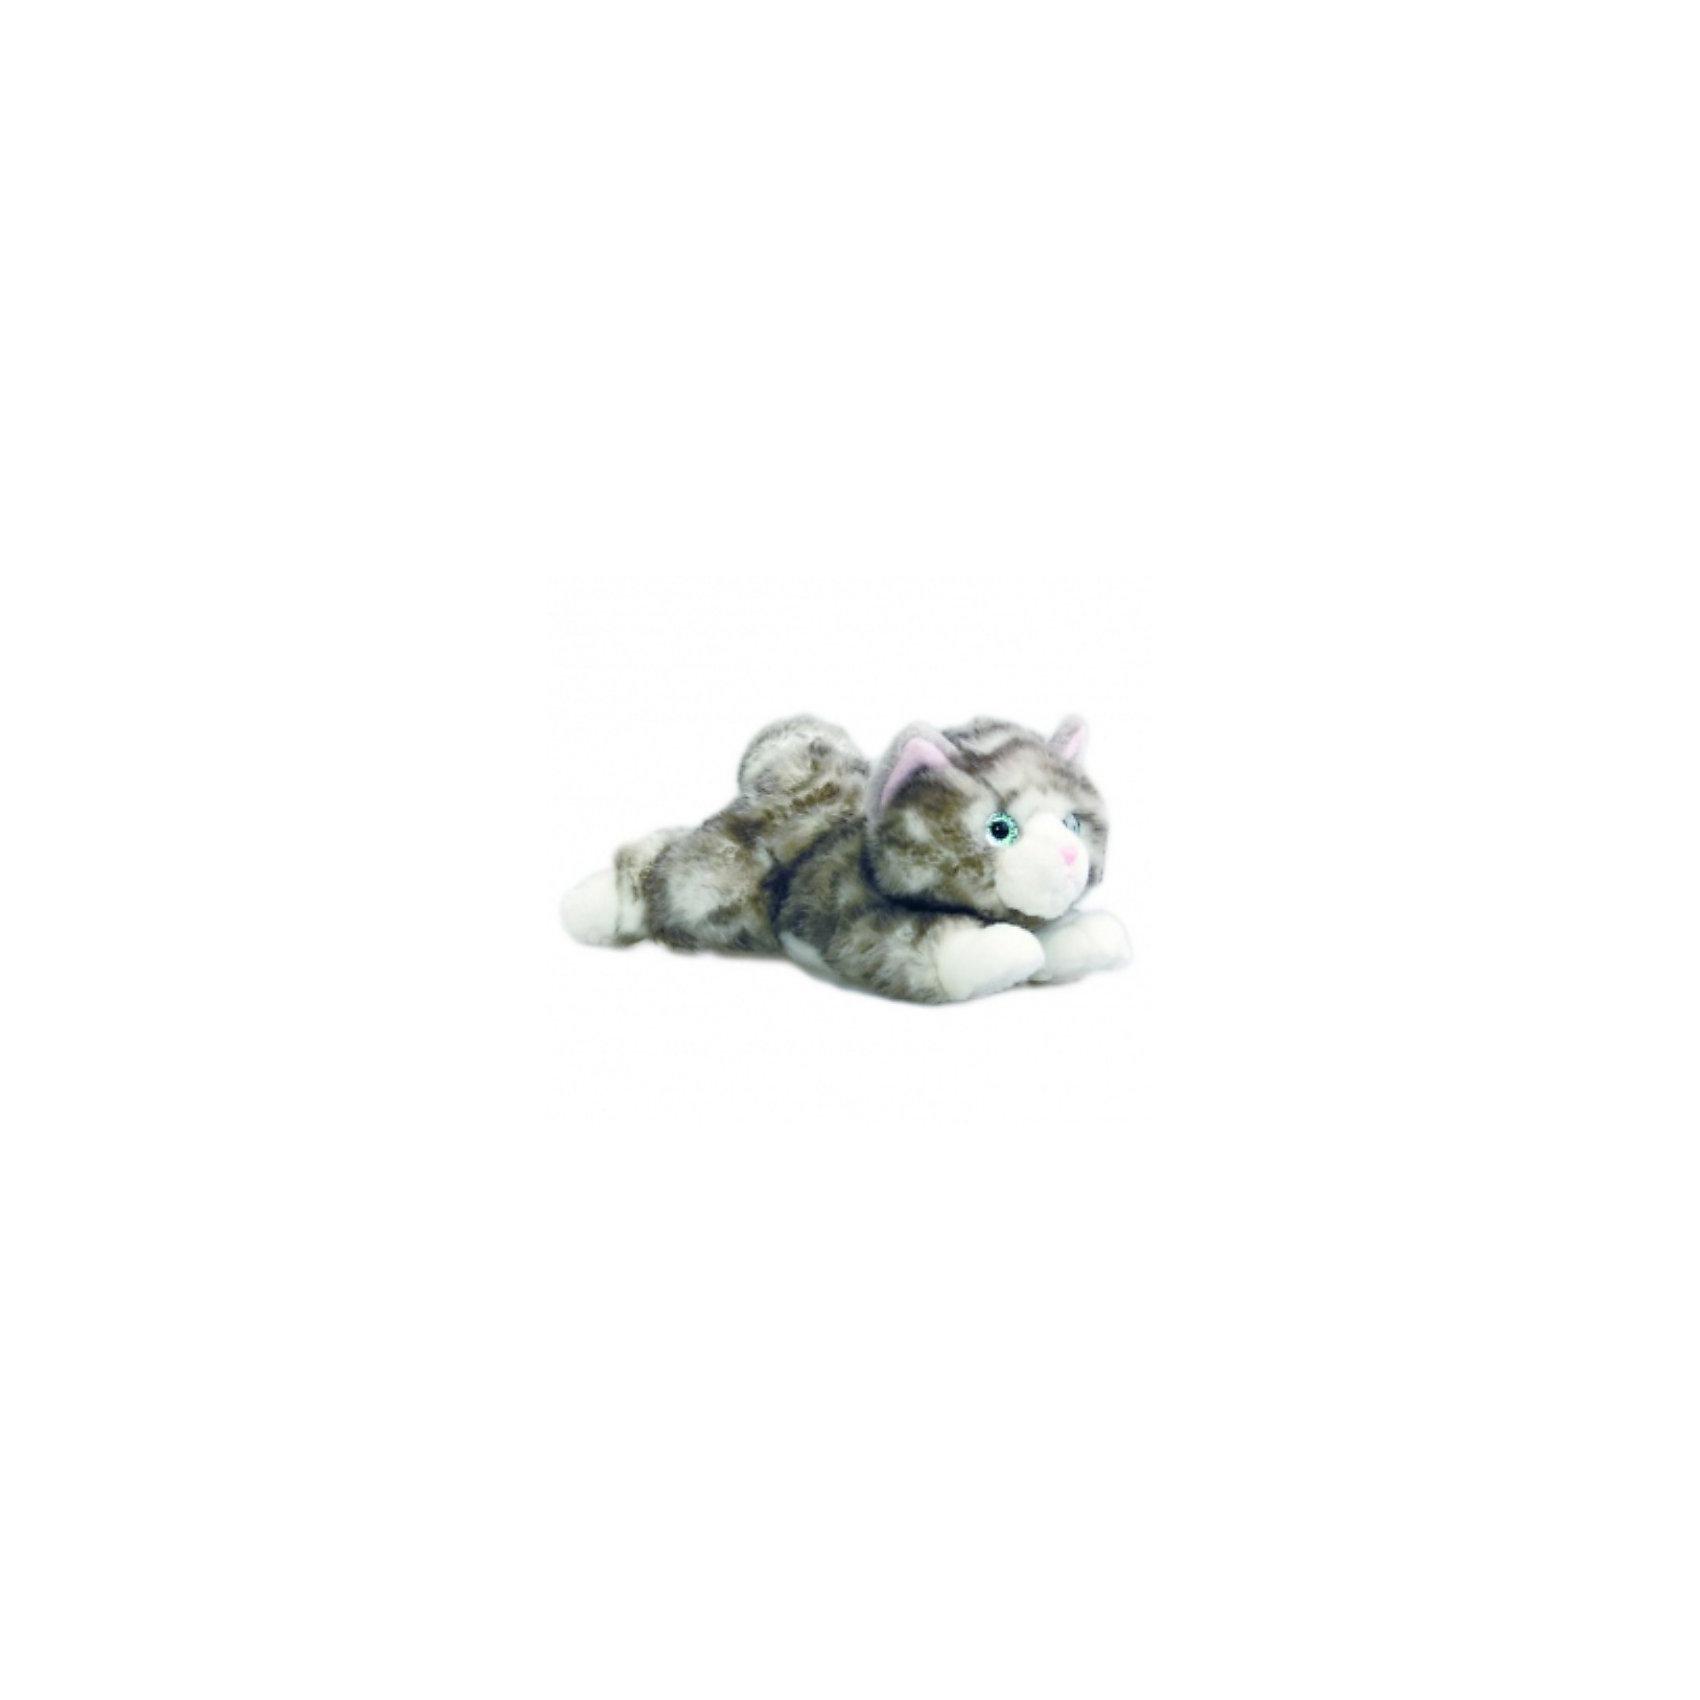 AURORA Мягкая игрушка  Котенок серый, 22 смКошки и собаки<br>AURORA Мягкая игрушка  Котенок серый, 22 см  -  симпатичный серый котенок с розовыми ушками и носиком и  голубыми глазками. <br>Лежит и ждет, чтобы с ним поиграли.<br><br>Котенок изготовлен из экологически чистых био-материалов: плюш высшего качества и гипoaллepгeнный cинтепoн. <br>Высокий уровень детализации, натуральные цвета, приятные на ощупь ткани и полное отсутсвие запахов - это отличительные черты всех без исключения игрушек Аврора. <br><br>Дополнительная информация:<br><br>- Игрушка пригодна для машинной стирки, не теряет при этом внешний вид.<br>- Материалы: плюш и гипoaллepгeнный cинтепoн.<br>- Размер - 22 см.<br><br>Этот  котенок от Aurora наверняка понравится вашему ребенку, и станет для него отличным сюрпризом!<br><br>Ширина мм: 210<br>Глубина мм: 100<br>Высота мм: 100<br>Вес г: 176<br>Возраст от месяцев: 24<br>Возраст до месяцев: 120<br>Пол: Унисекс<br>Возраст: Детский<br>SKU: 2147618